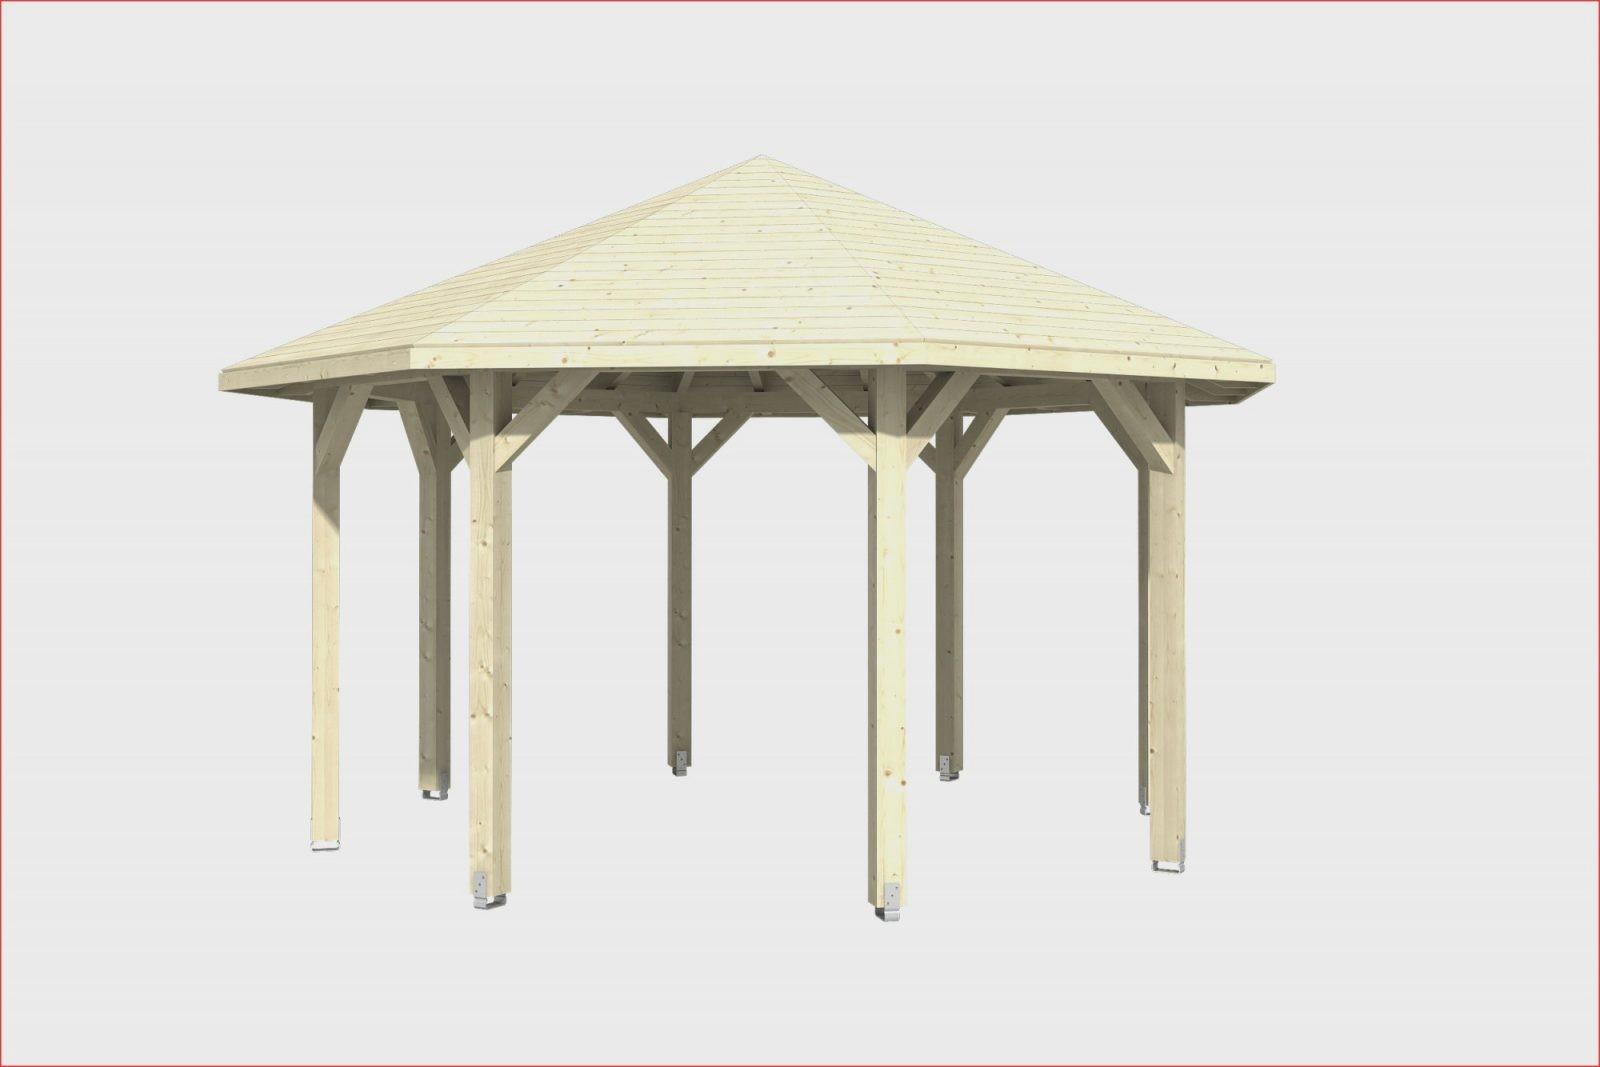 Holz Pavillon 3X3 Selber Bauen Anleitung Ostseesuche A44R Konzept von Holz Pavillon 3X3 Selber Bauen Bild